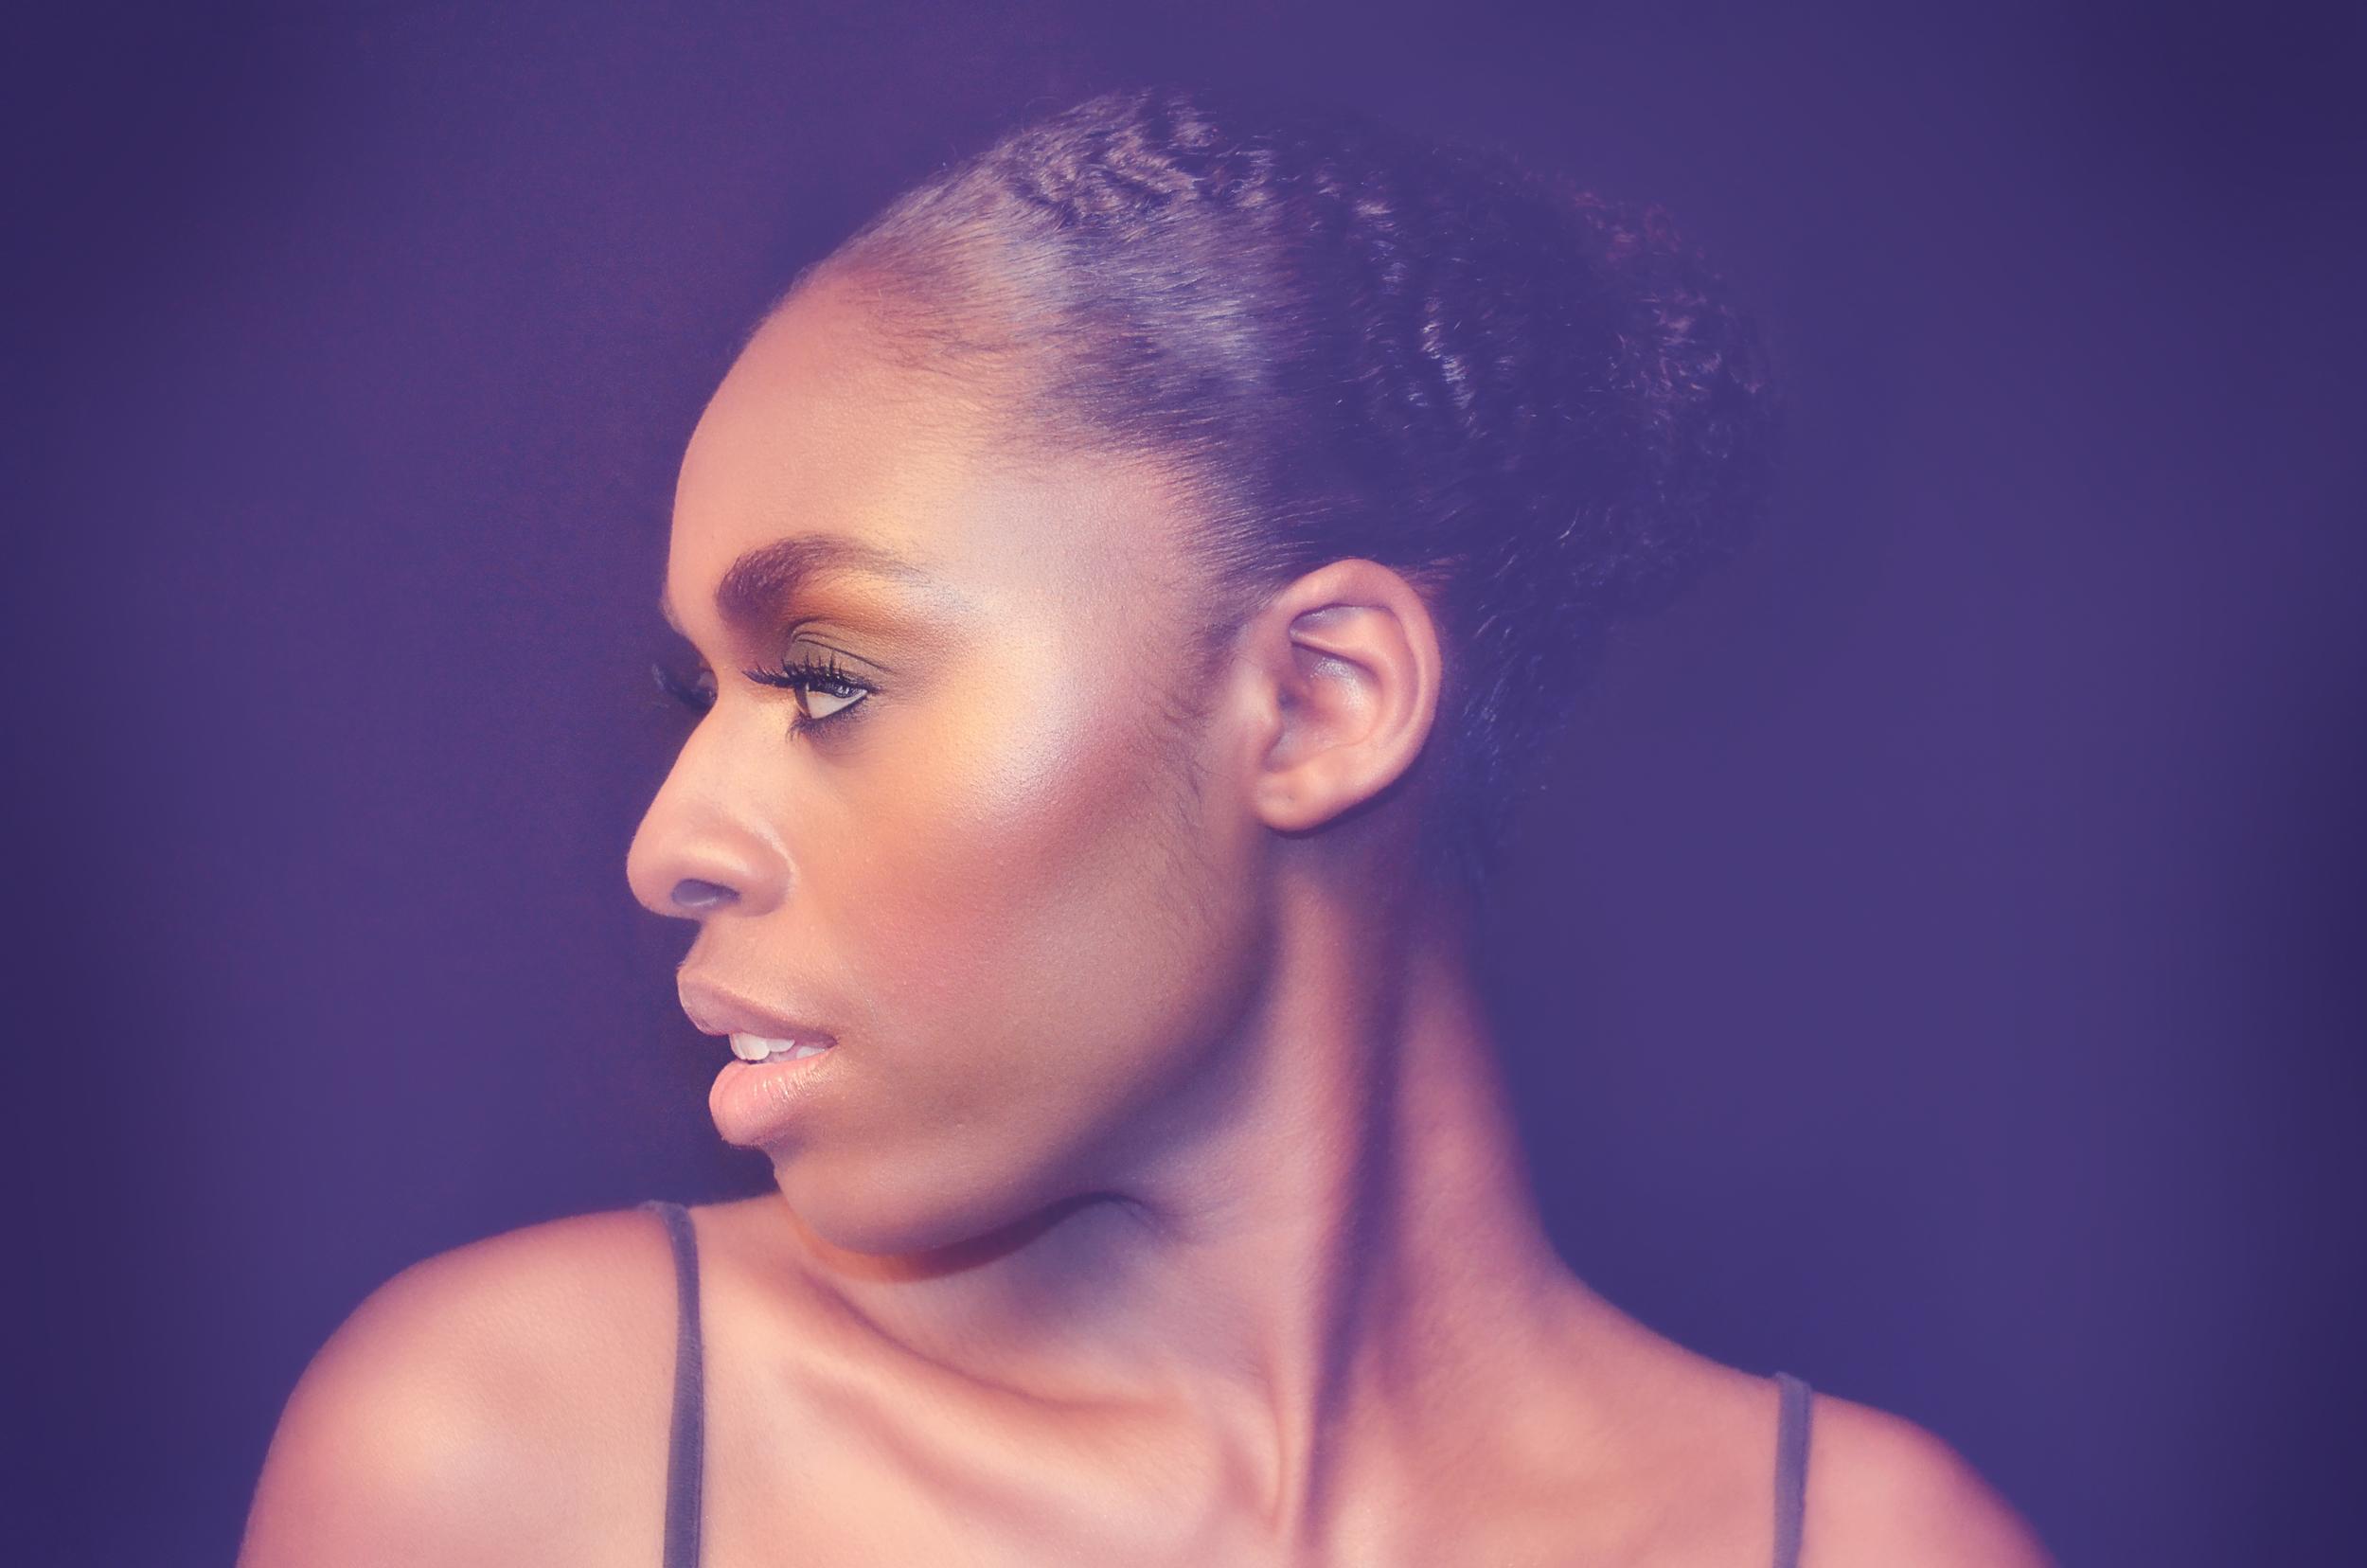 Photoshoot Makeup | Tymia Yvette Makeup Artist | Baltimore